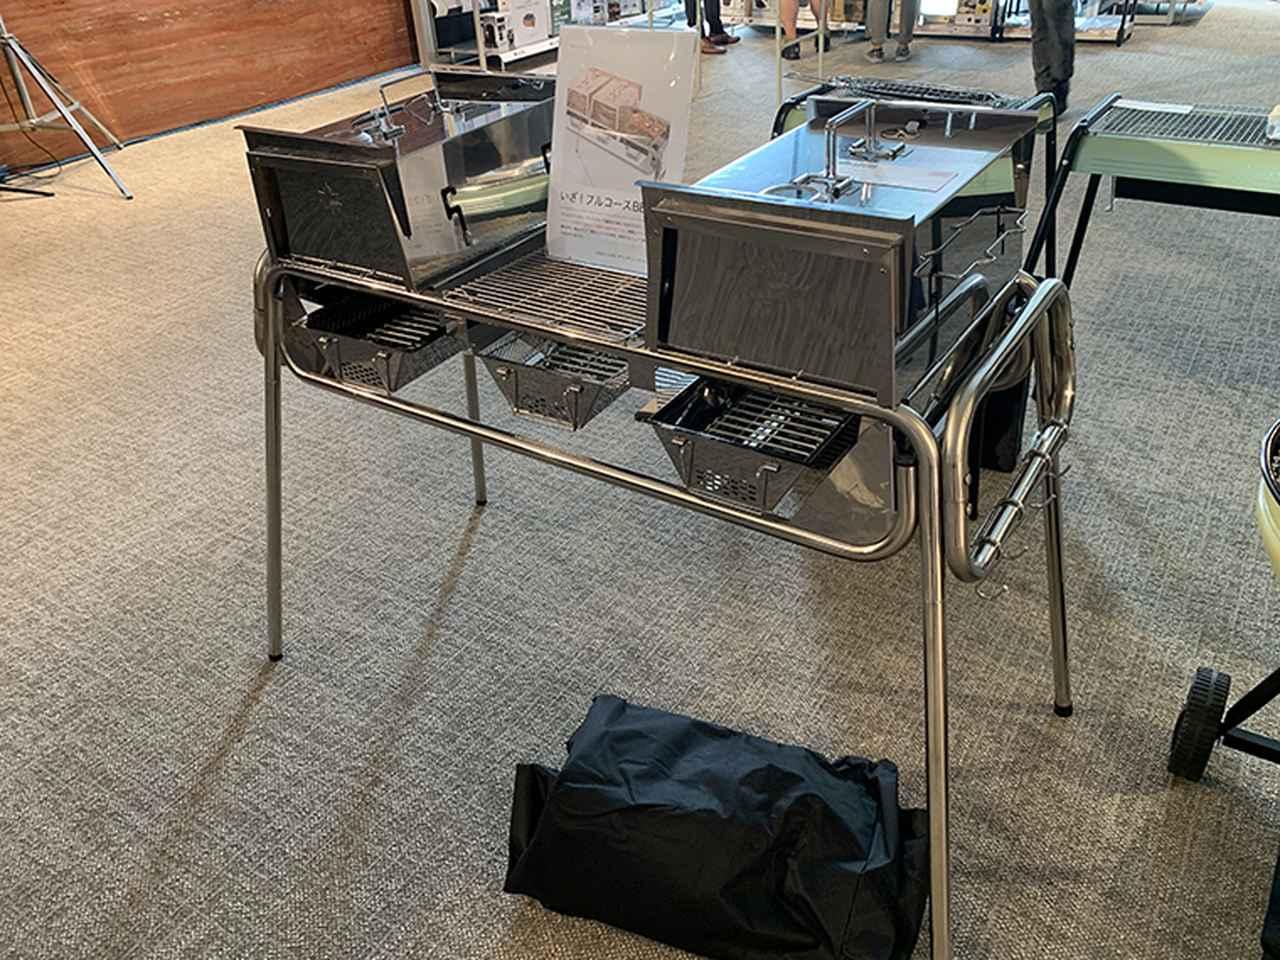 画像: 火床が3つあり、オーブンやスモークもできるグリルカバーが2つ付属する「LOGOS CHEF グランチューブラルグリル」はバーベキューパーティに最適。68,000円